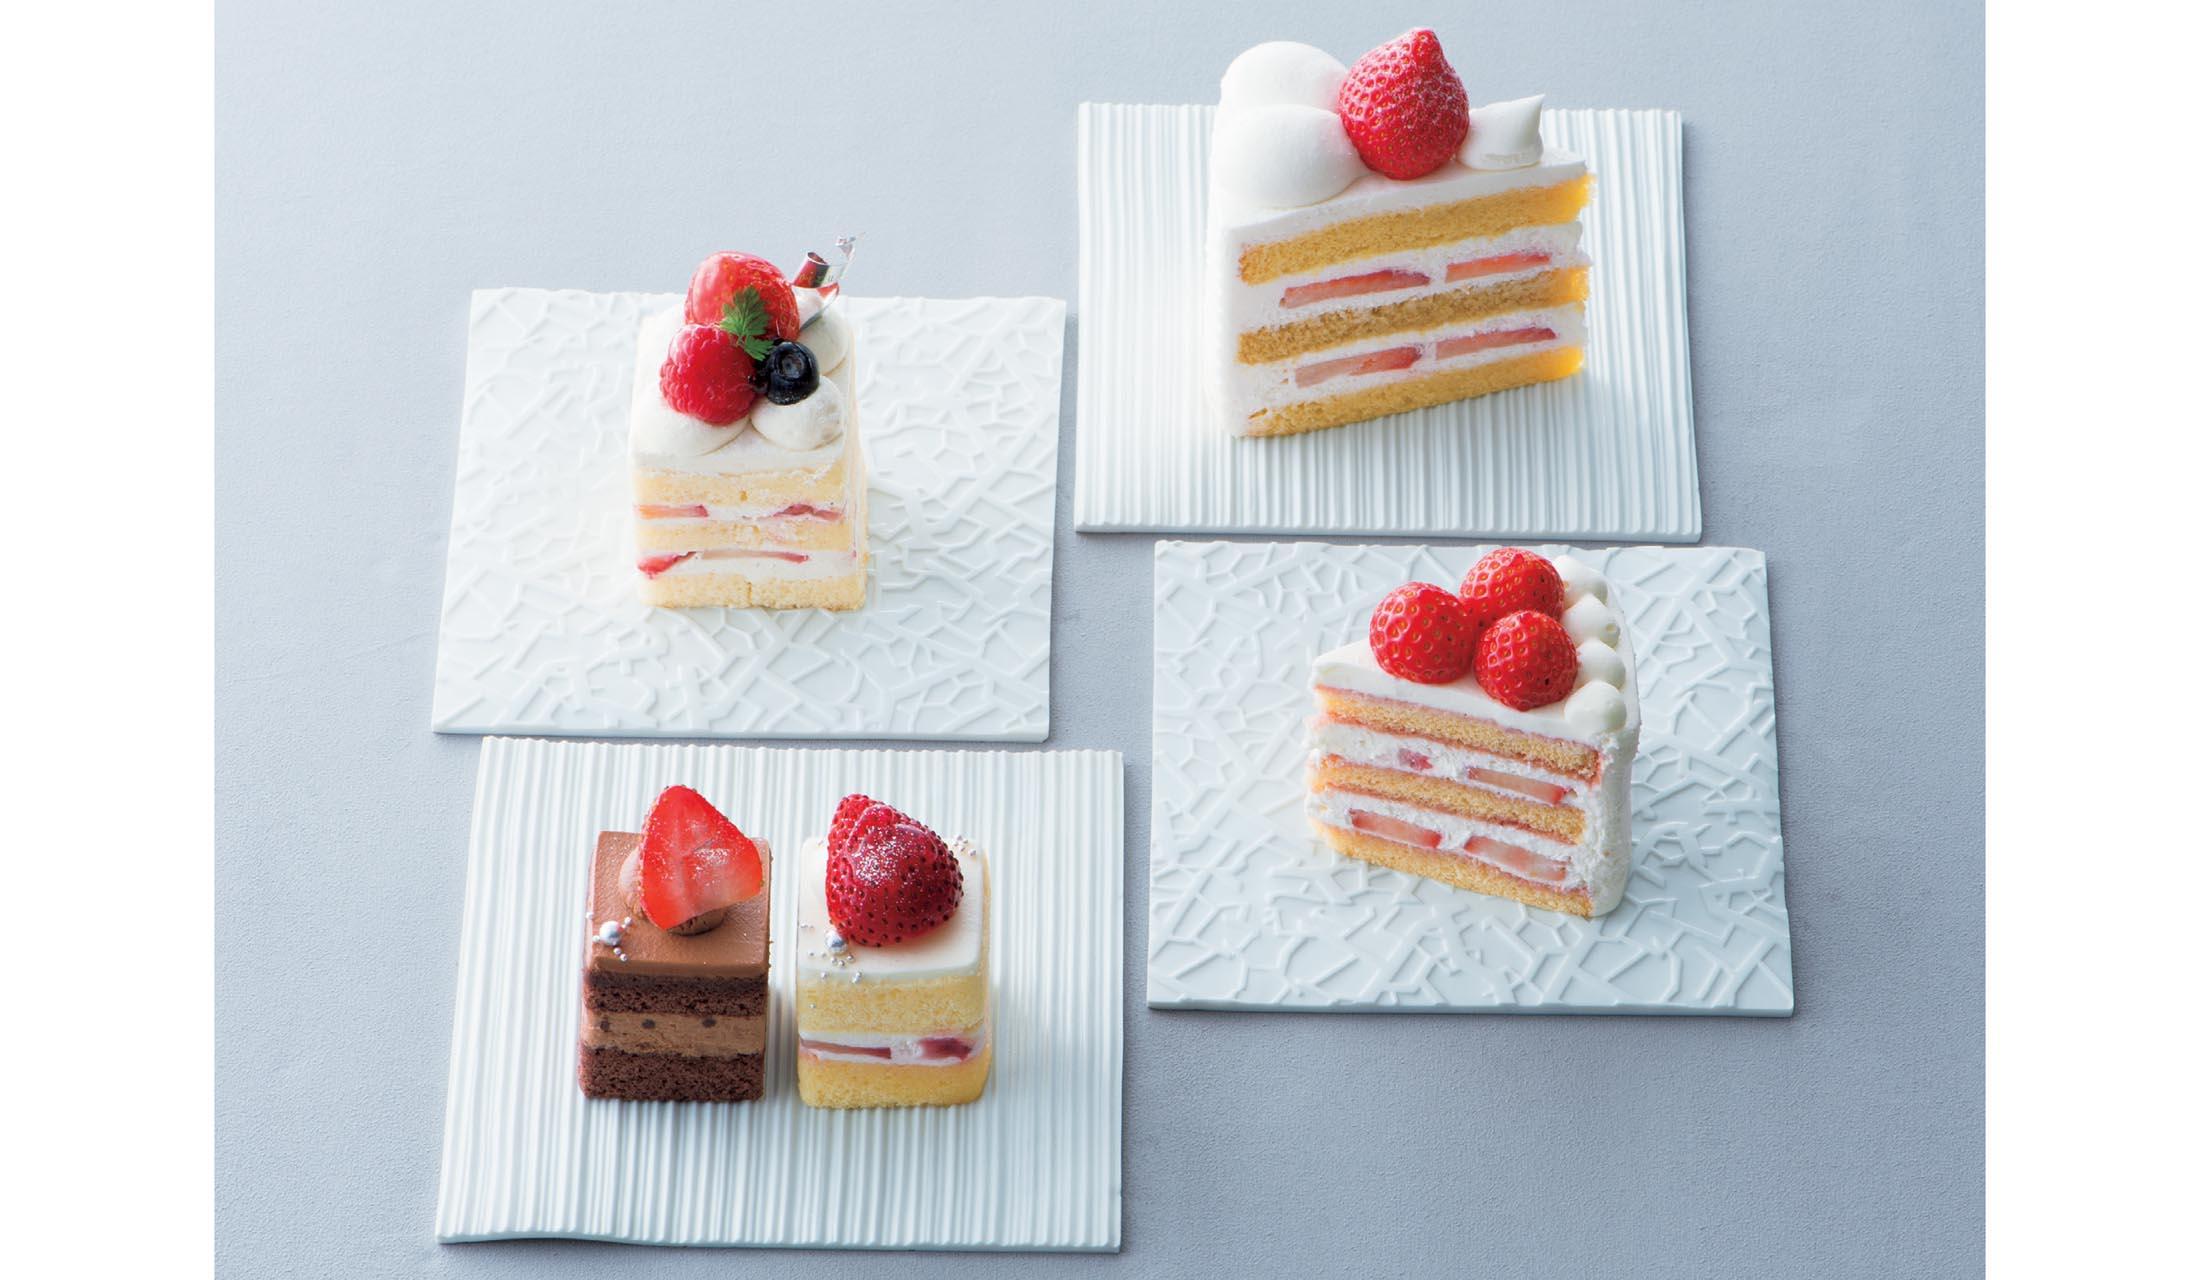 トシヨロイヅカの『MTフレーズ』、 ボン スイーツ&コングラッツの『キャレケーキ』、フレンチパウンドハウスの『苺ショートケーキ・ブラン』、パティスリーSATSUKIの『スーパーショートケーキ』